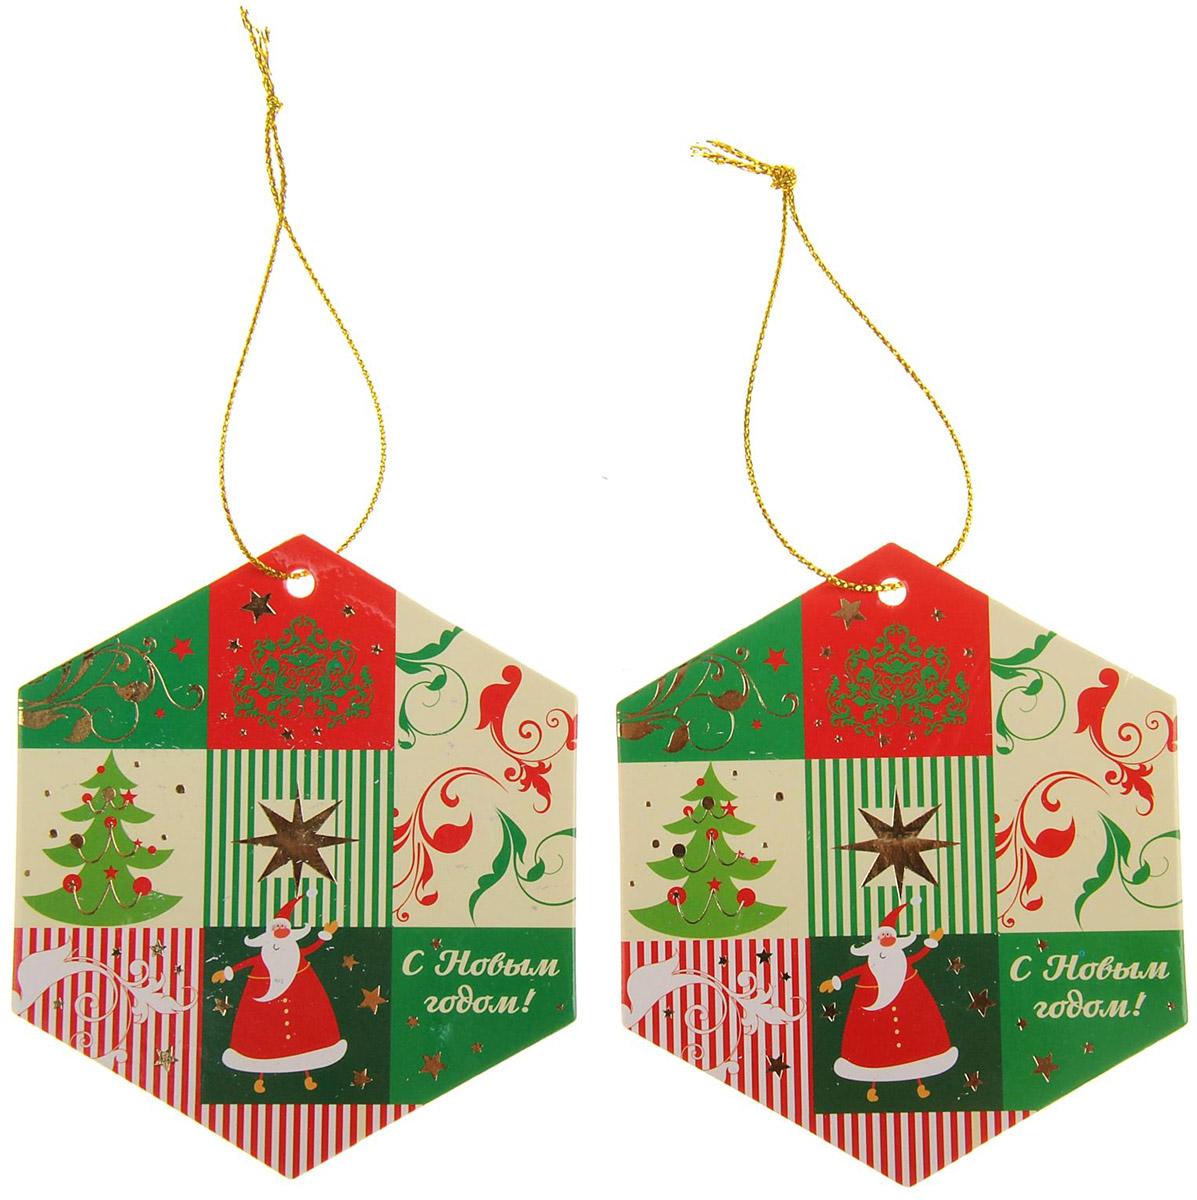 Украшение новогоднее подвесное Sima-land С Новым годом, 8 х 9 см, 2 шт906332Невозможно представить нашу жизнь без праздников! Мы всегда ждём их и предвкушаем, обдумываем, как проведём памятный день, тщательно выбираем подарки и аксессуары, ведь именно они создают и поддерживают торжественный настрой.